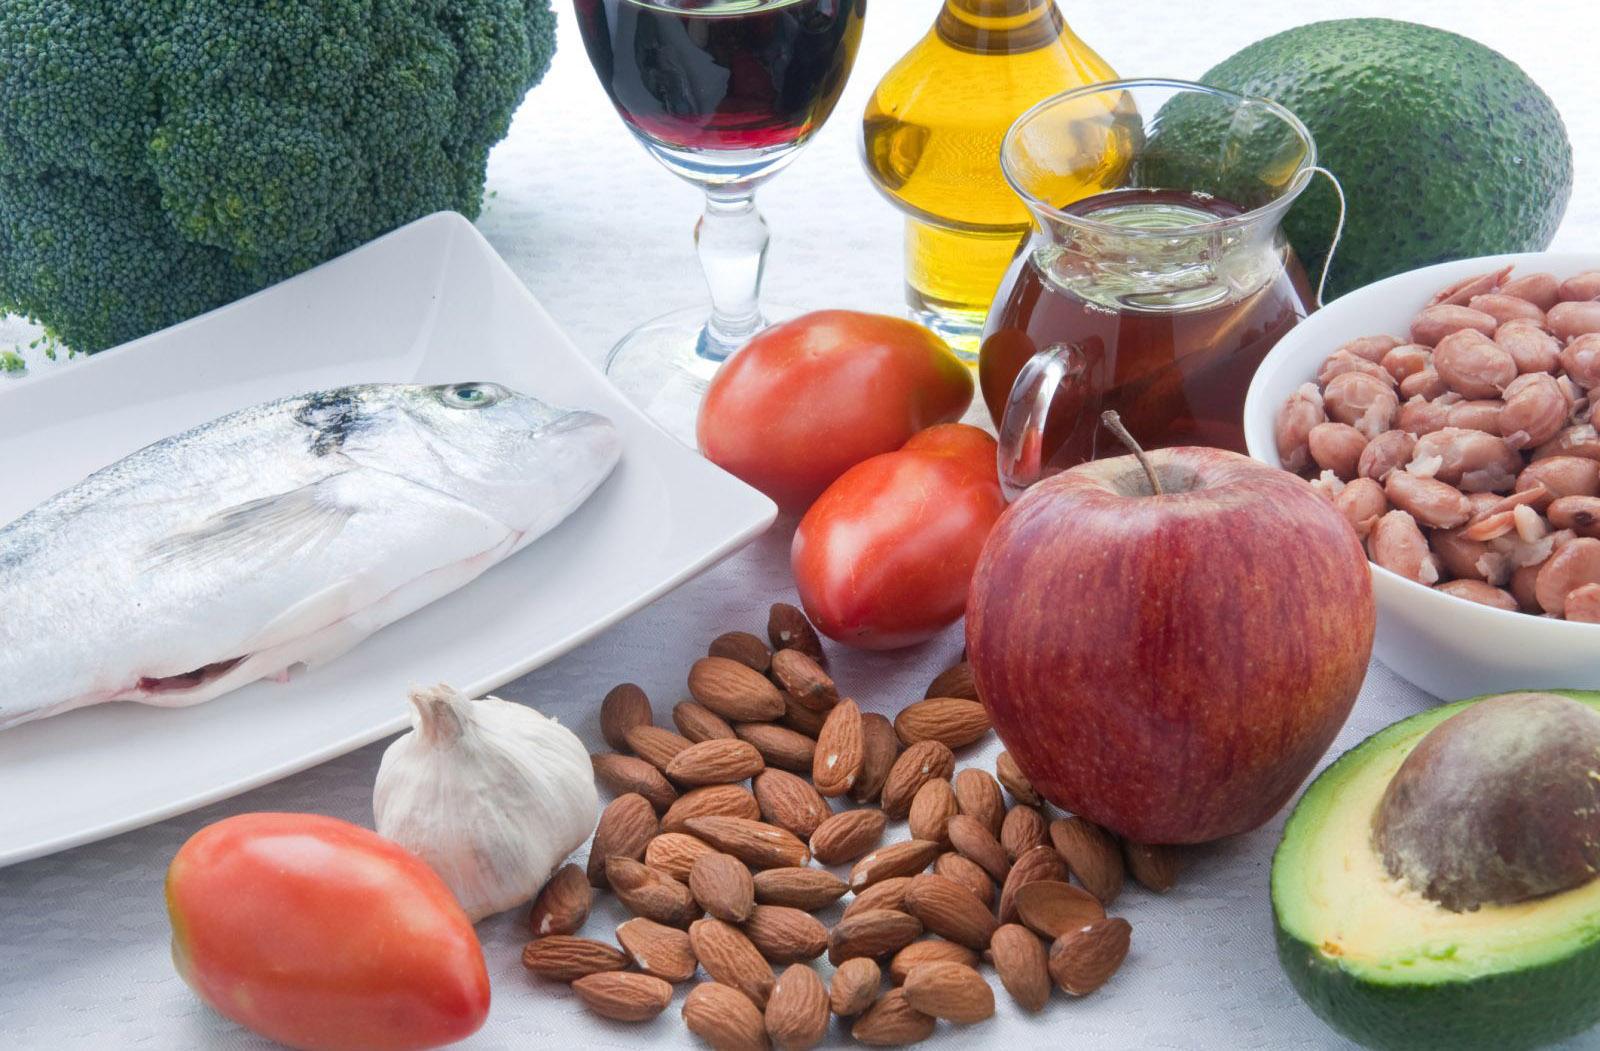 Yüksek Kolesterolden Kurtulmak İçin Yollar